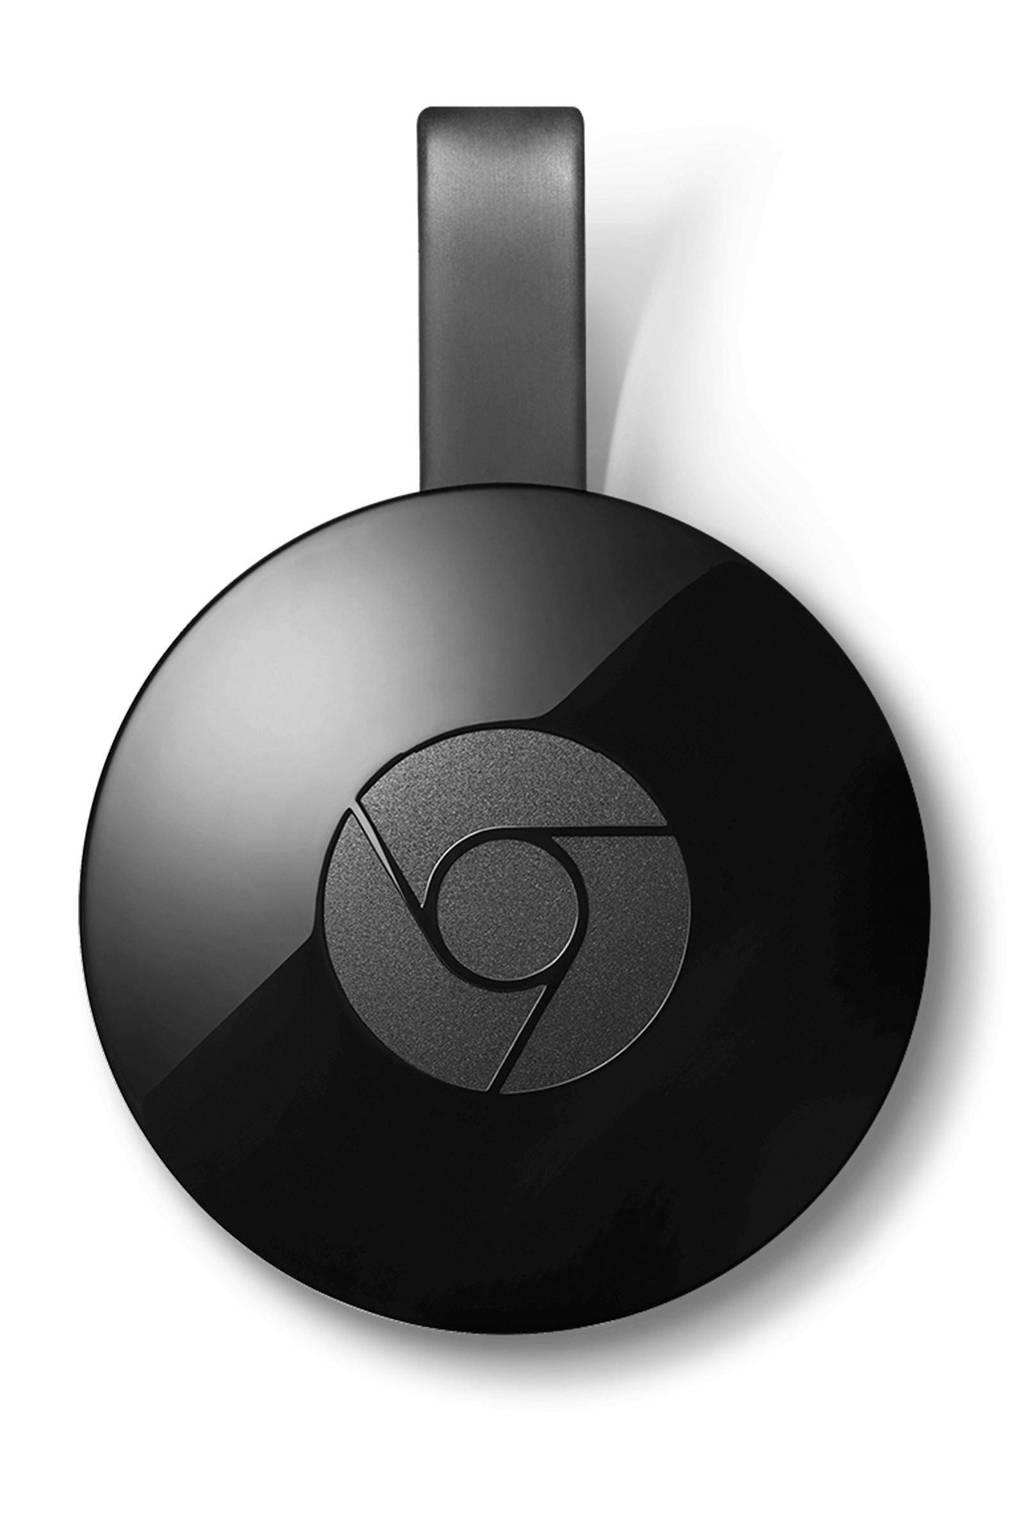 Google Chromecast 2 mediaspeler, Zwart